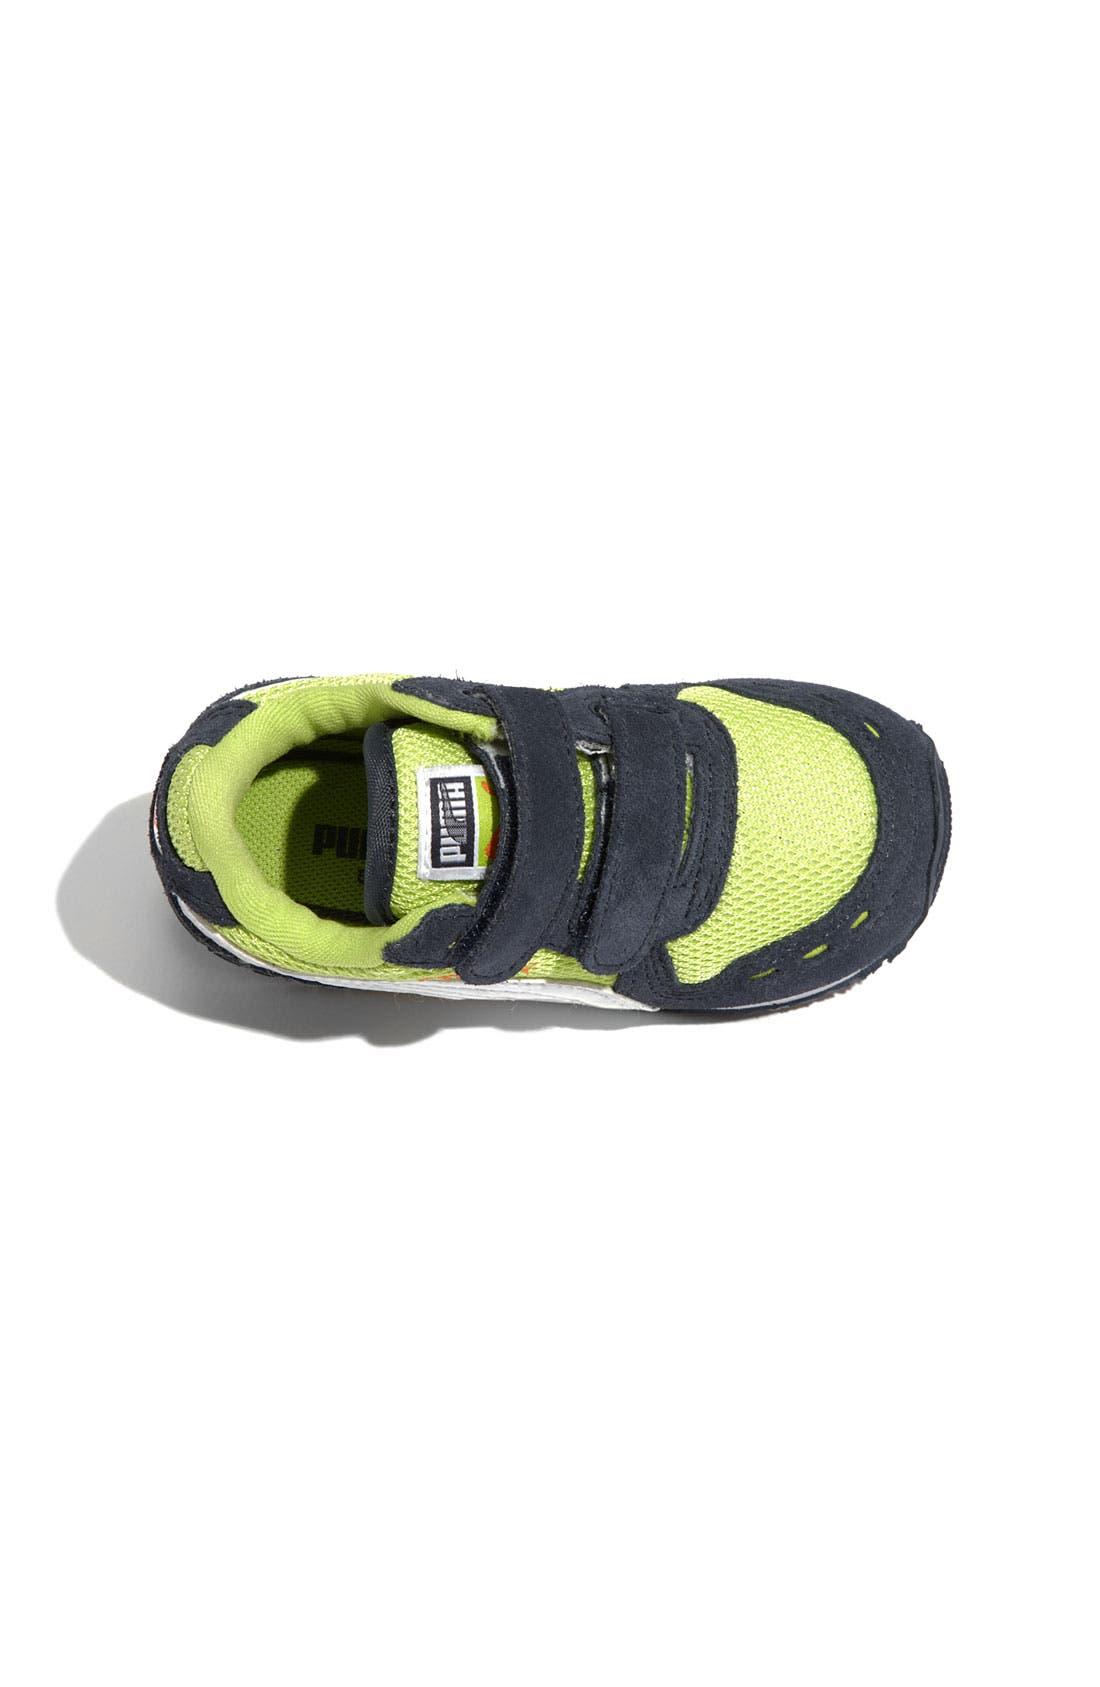 Alternate Image 3  - PUMA 'Cabana Racer' Sneaker (Baby, Walker, Toddler & Little Kid)